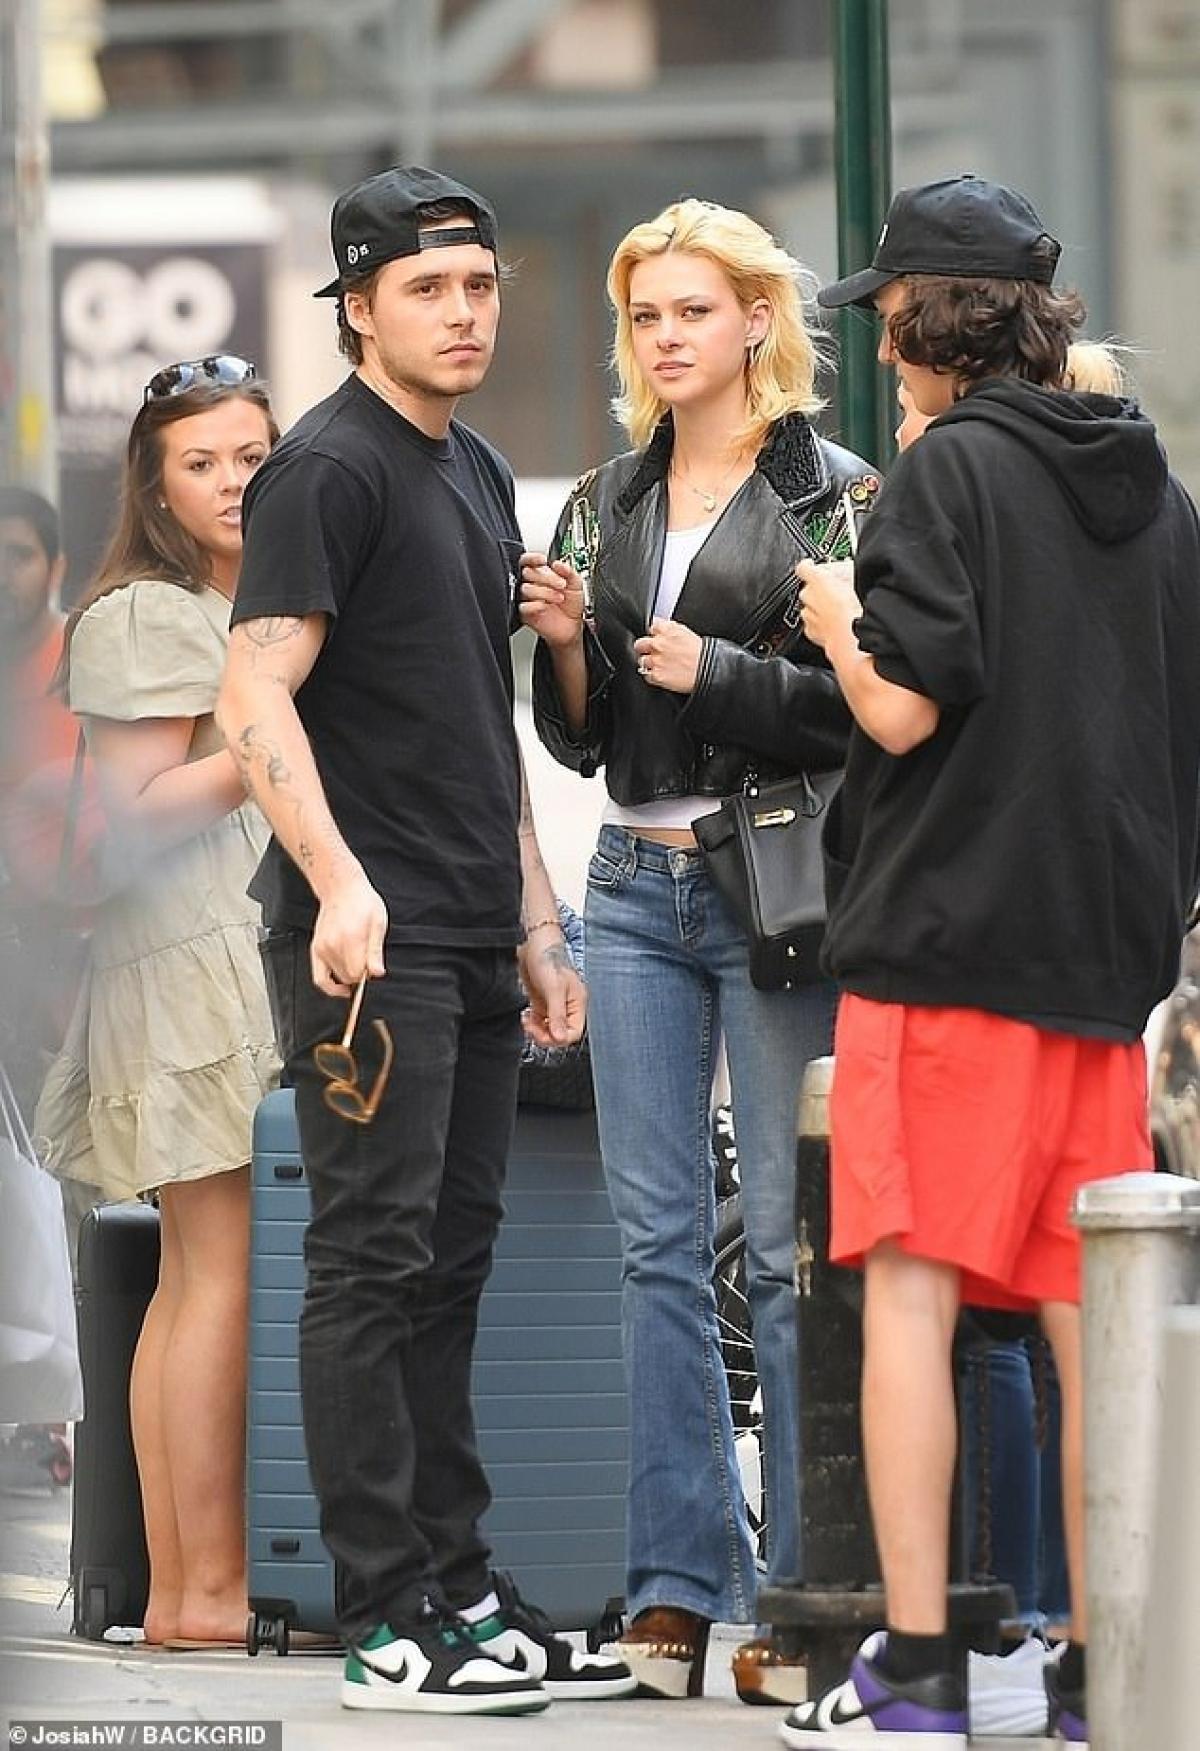 Brooklyn Beckham và Nicola Peltz đi chơi cùng bạn bè sau khi ăn trưa ở New York ngày 3/8.